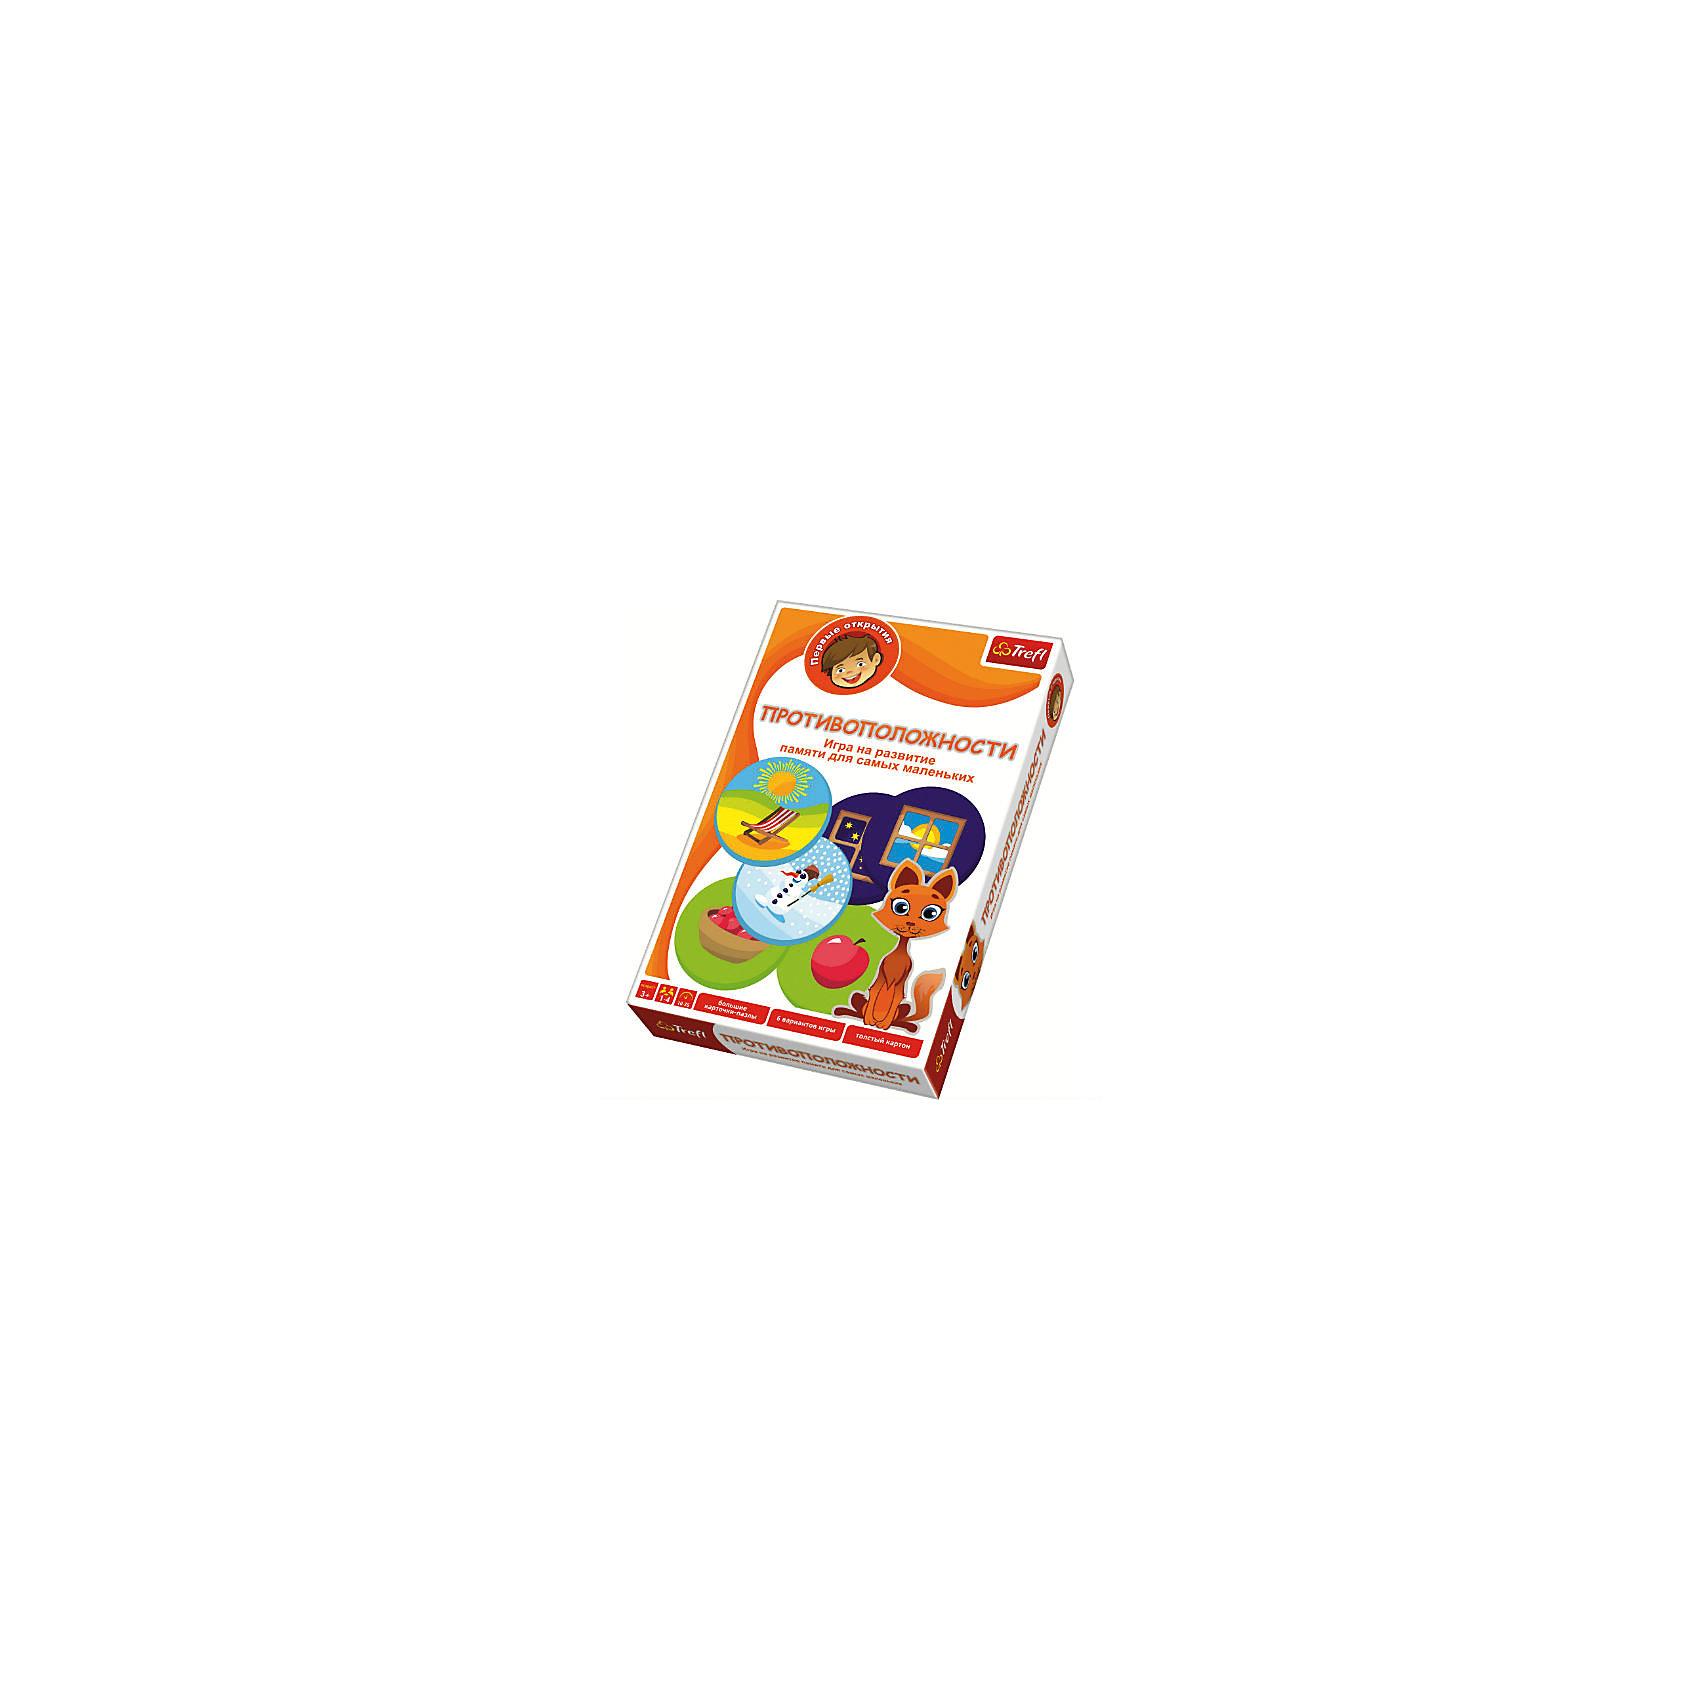 Игра Противоположности,  TreflИгра Противоположности, Trefl - увлекательная развивающая игра, которая поможет Вашему малышу расширить представления об окружающем мире и пополнить свой словарный запас. Данная игра входит в серию Первые открытия, в разработке которой принимал участие коллектив педагогов, филологов, логопедов, социологов и психологов и предназначенную для формирования у ребенка навыков, необходимых ему перед школой. В игре могут участвовать от 1 до 4 игроков. В наборе Вы найдете 22 пары круглых карточек с красочными картинками. В инструкции представлено 6 различных вариантов игры, от самых простых до самых сложных. В самом простом вариант игры малышу предстоит подобрать пары противоположностей. В других вариантах детям предлагается подбирать противоположности на скорость, сочинять истории согласно вытянутым карточкам, показать изображенное на карточках с помощью жестов и многое другое.  Игра развивает логику, мышление  и память, учит ребенка быть внимательным и сосредоточенным.<br><br>Дополнительная информация:<br><br>- Серия: Первые открытия.<br>- В комплекте: 22 пары круглых карточек, инструкция к игре.<br>- Материал: бумага, картон.<br>- Размер упаковки: 28,8 х 19,3 х 4,1 см.<br>- Вес: 0,42 кг.<br><br>Игру Противоположности, Trefl, можно купить в нашем интернет-магазине.<br><br>Ширина мм: 288<br>Глубина мм: 193<br>Высота мм: 193<br>Вес г: 420<br>Возраст от месяцев: 36<br>Возраст до месяцев: 60<br>Пол: Унисекс<br>Возраст: Детский<br>SKU: 4043687